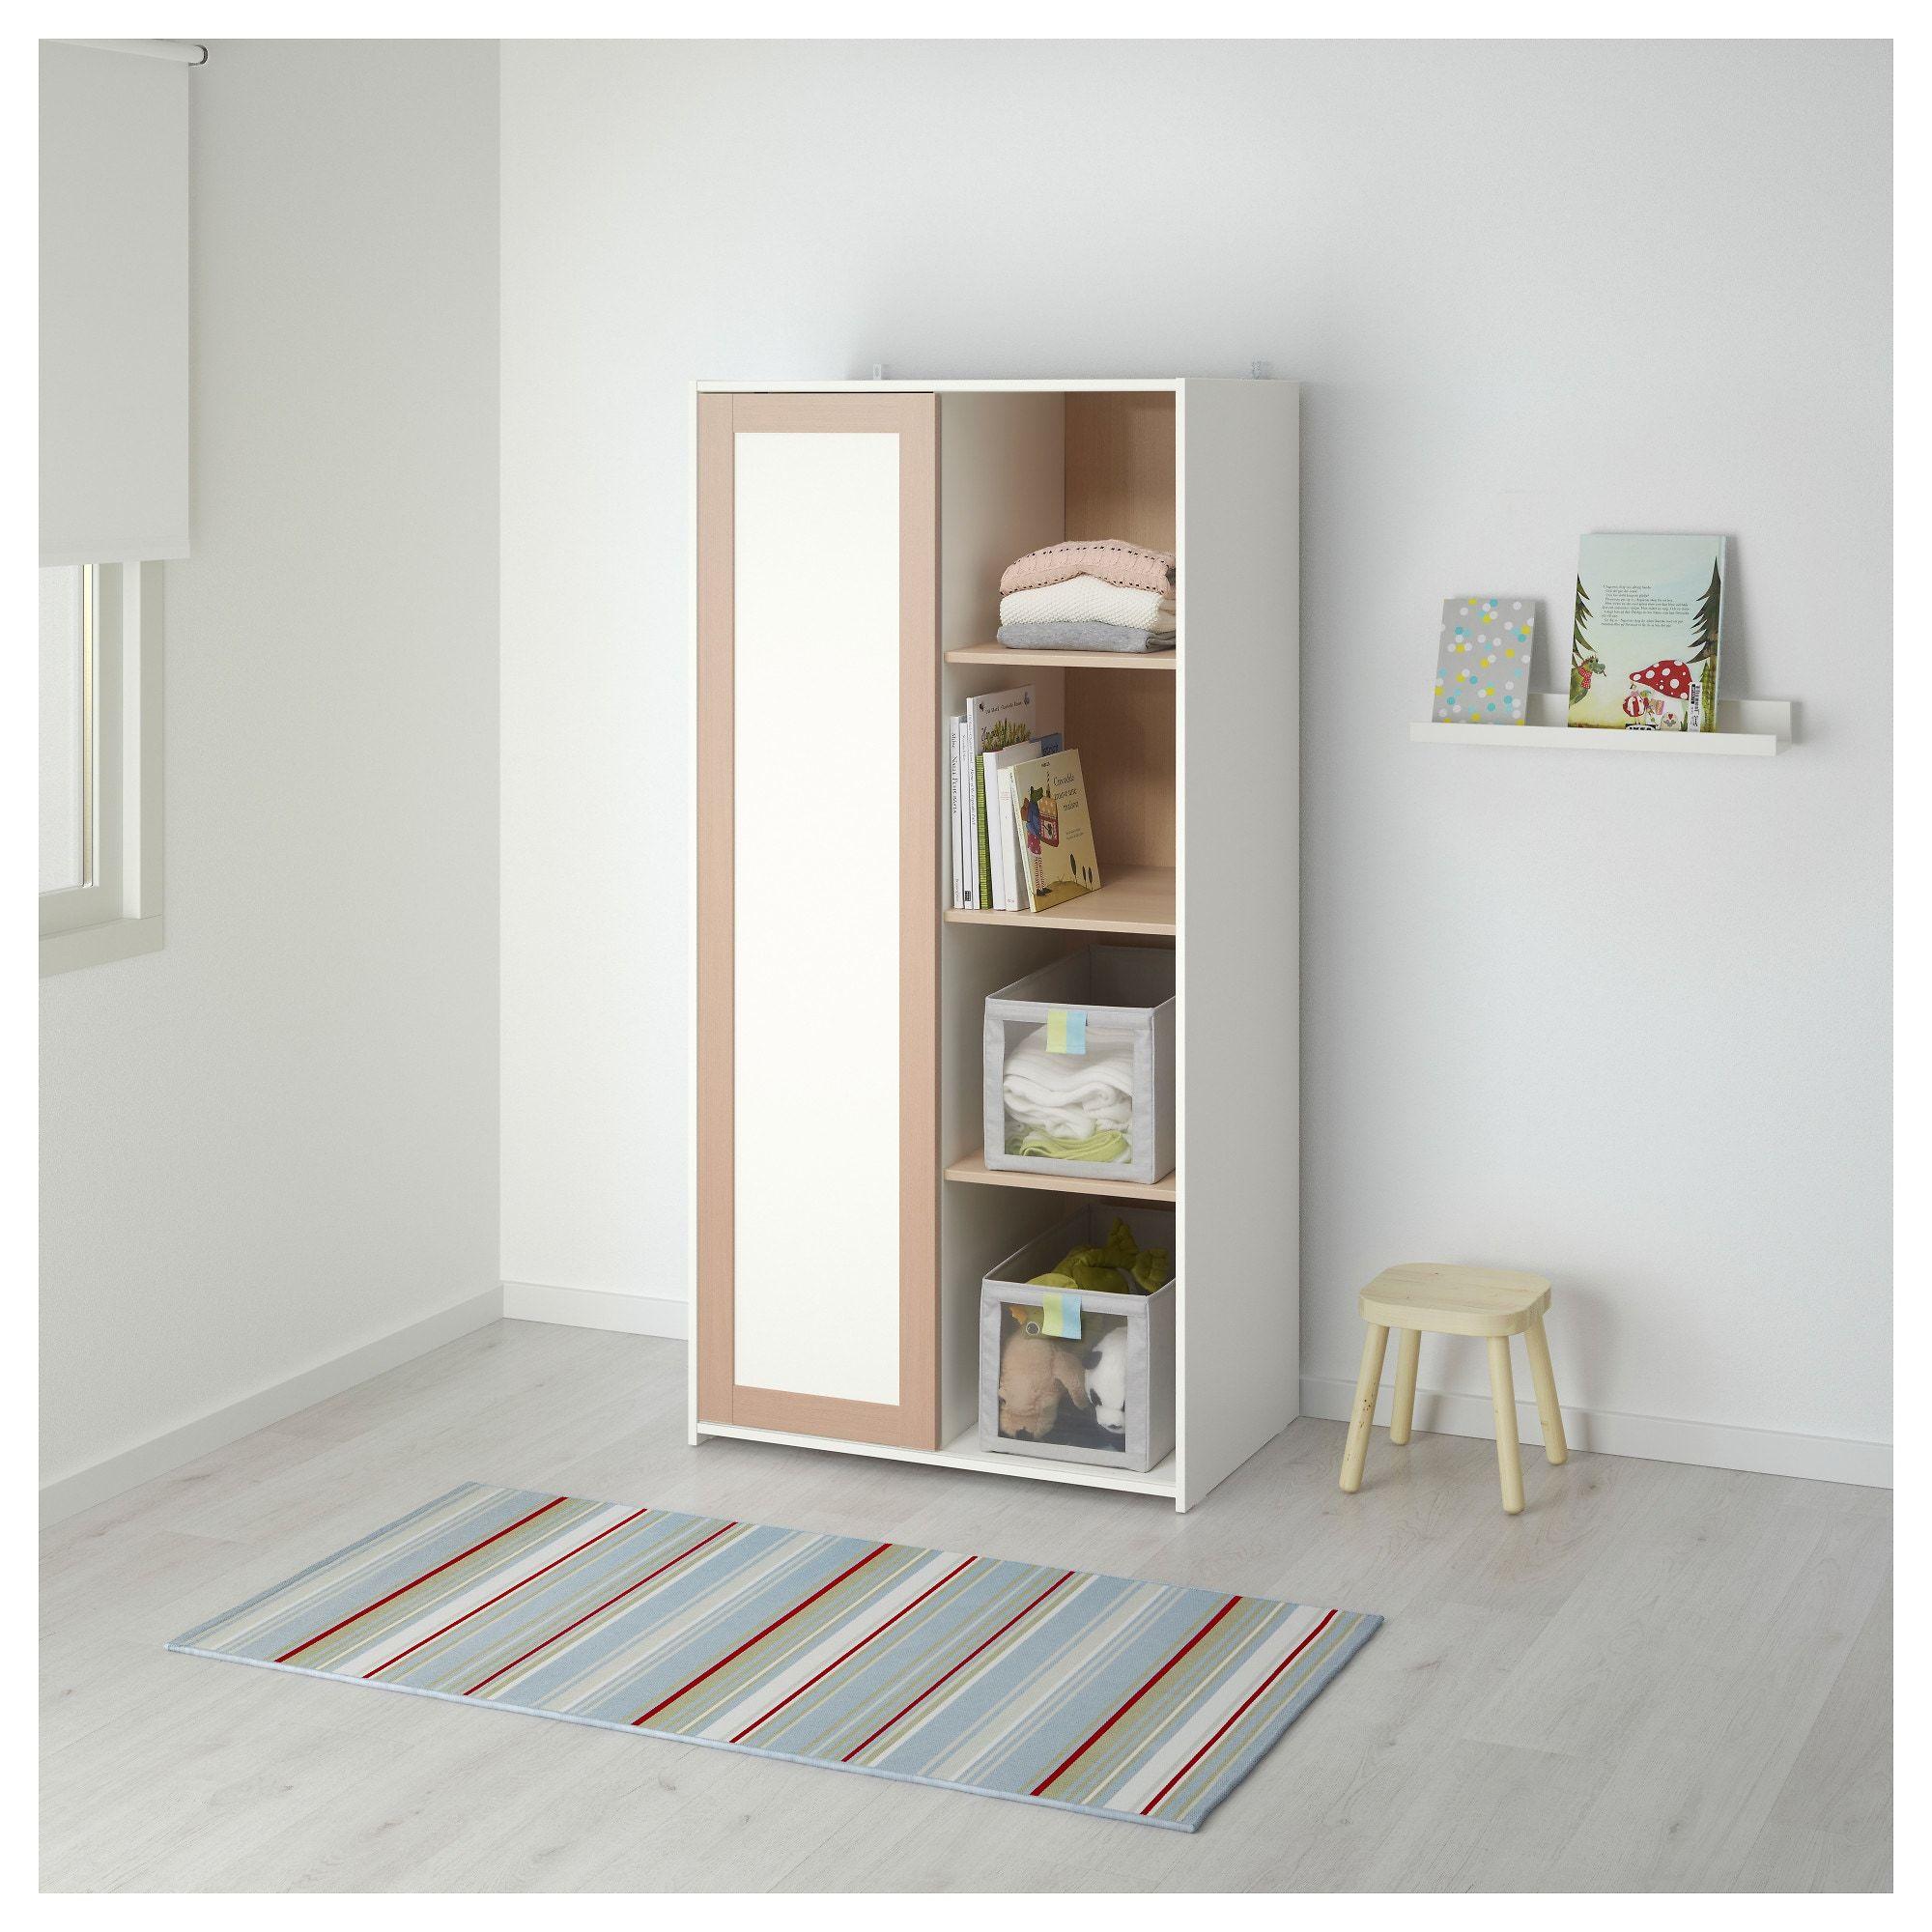 Armadio Cameretta Neonato Ikea.Mobili E Accessori Per L Arredamento Della Casa Arredamento Arredamento Casa Mobili